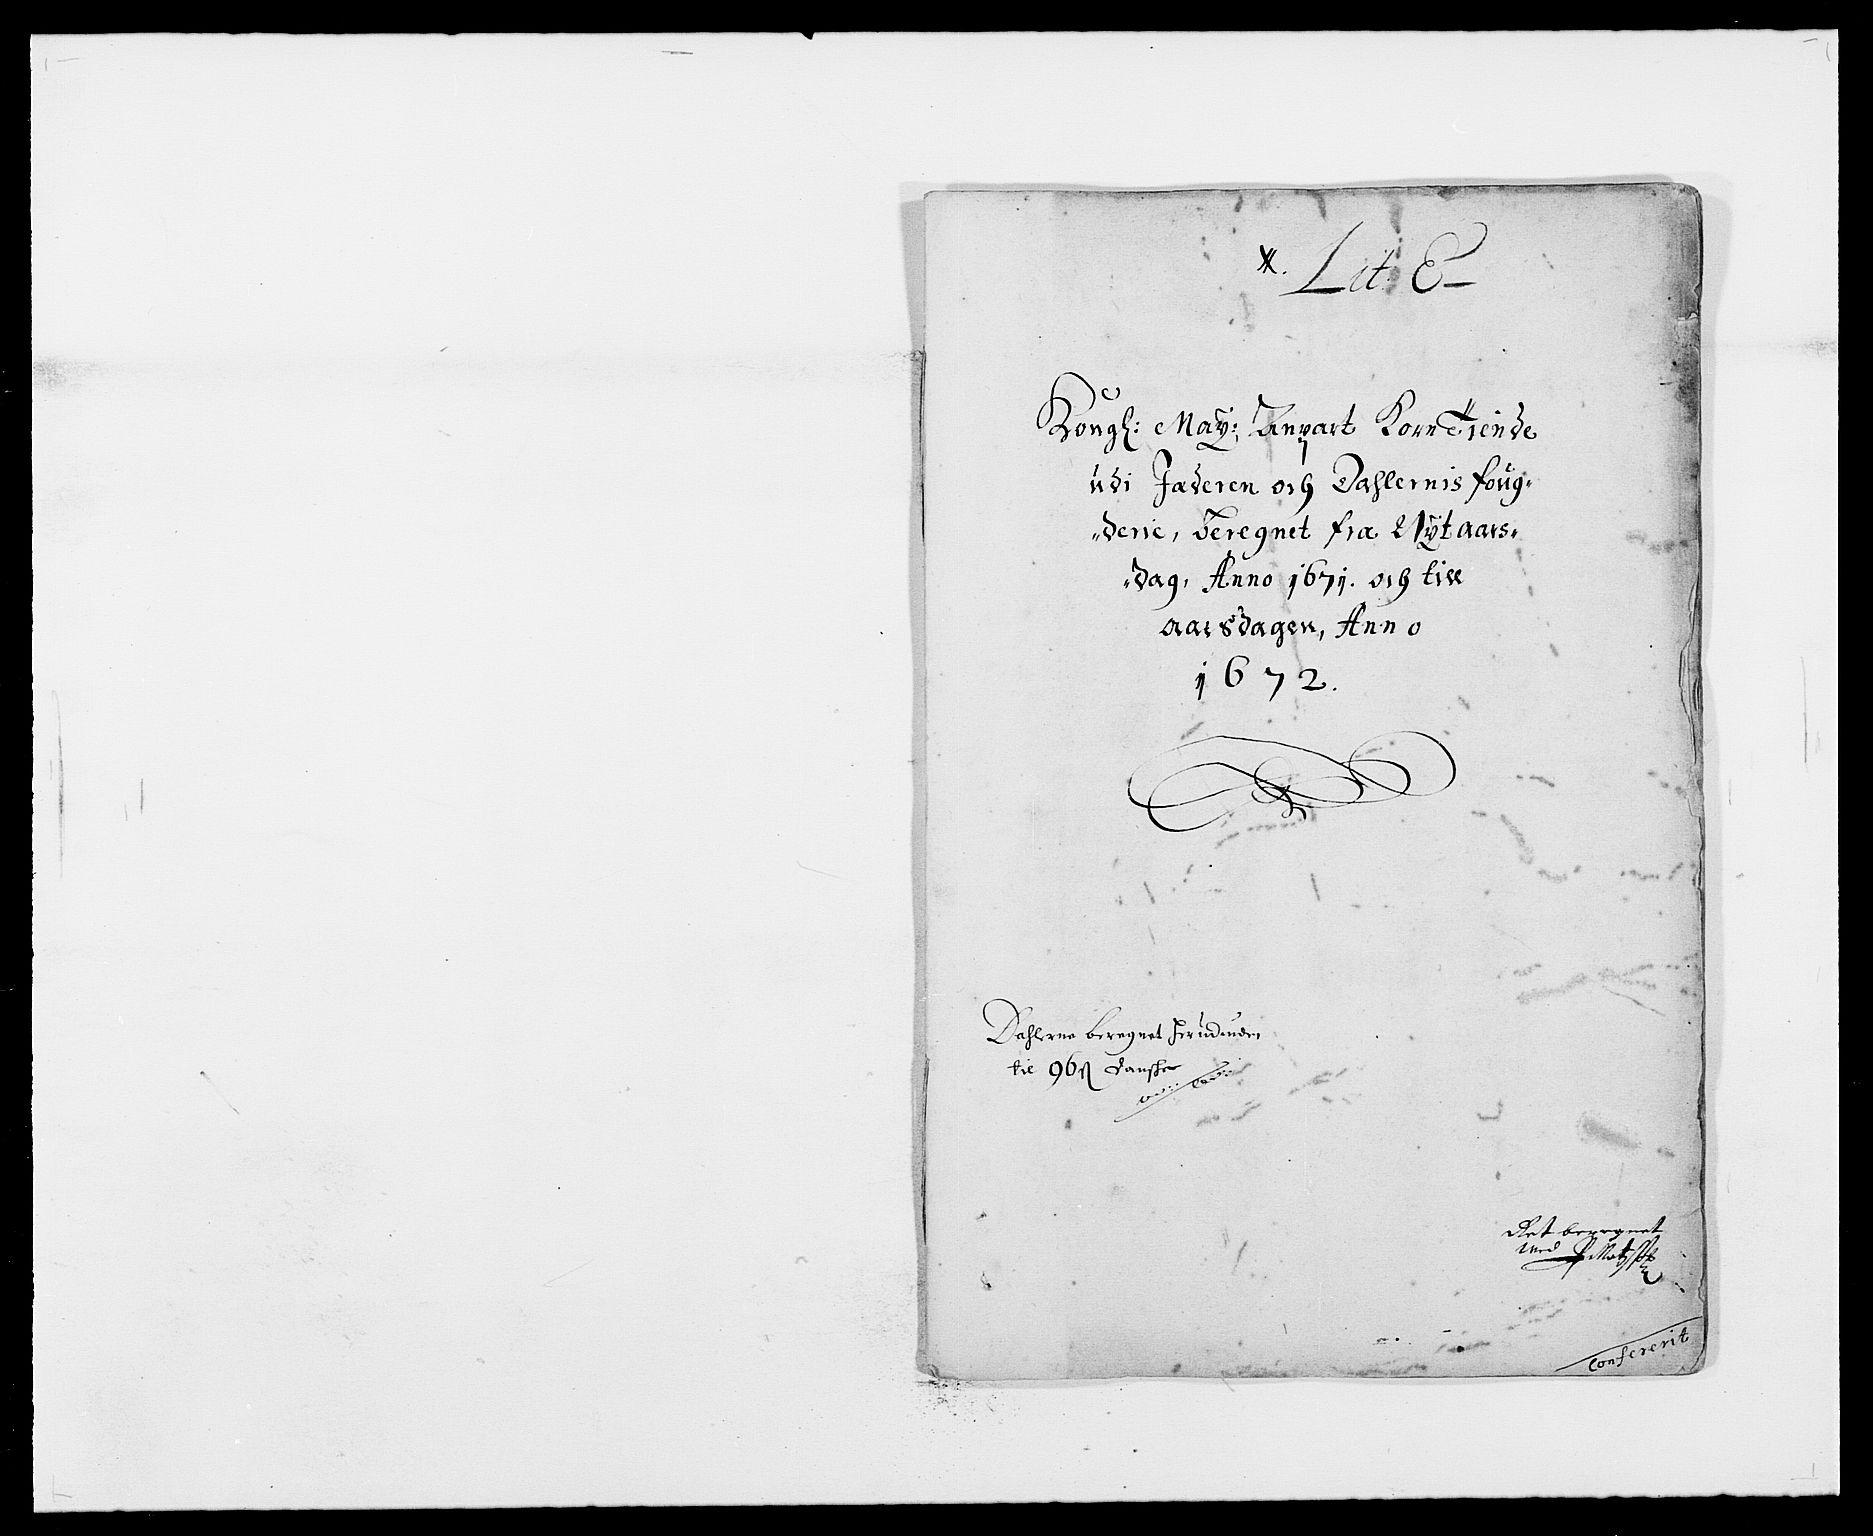 RA, Rentekammeret inntil 1814, Reviderte regnskaper, Fogderegnskap, R46/L2713: Fogderegnskap Jæren og Dalane, 1671-1672, s. 104